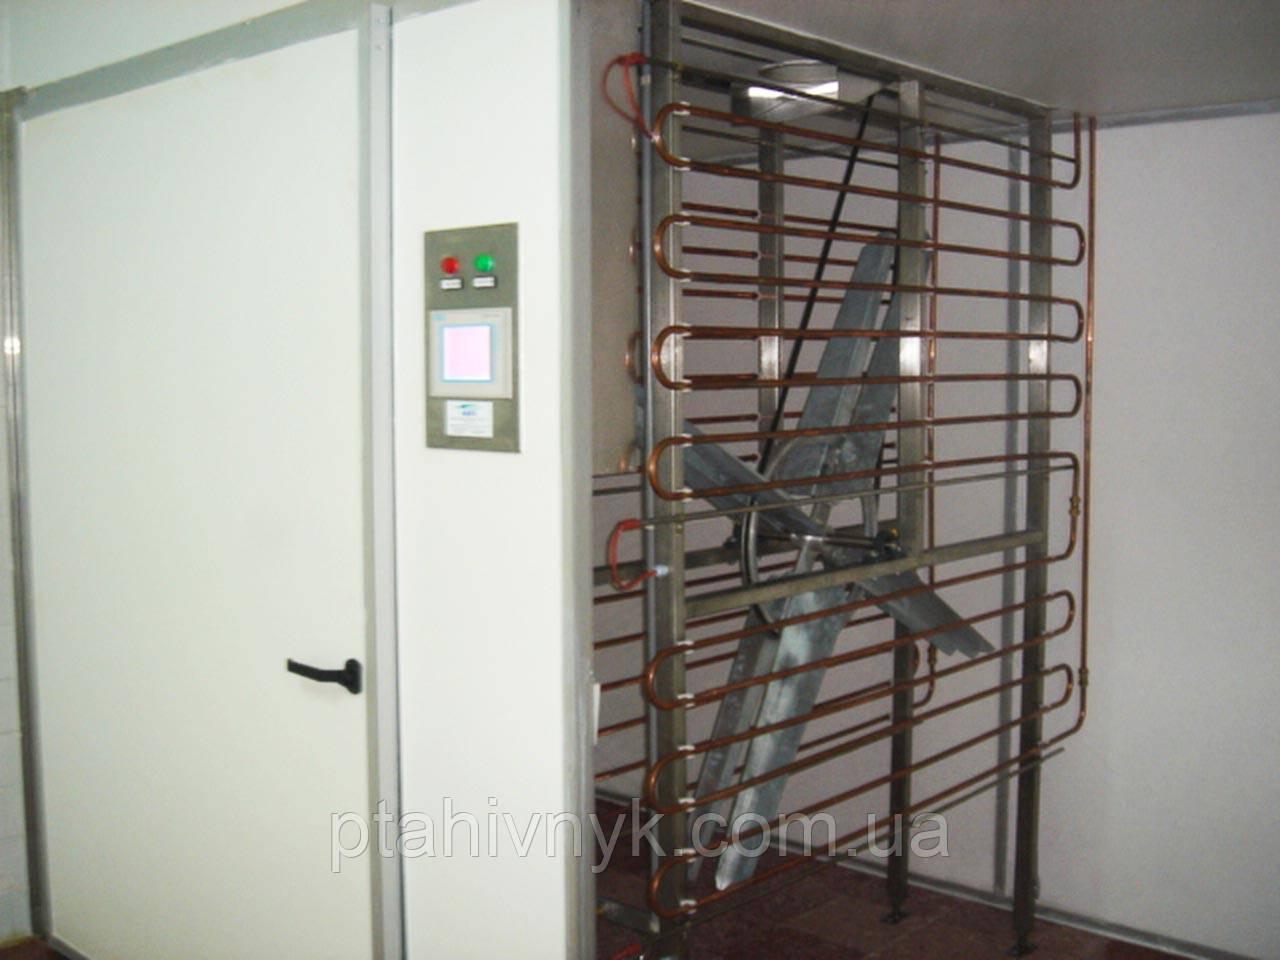 Выводной шкаф производительностью 19200